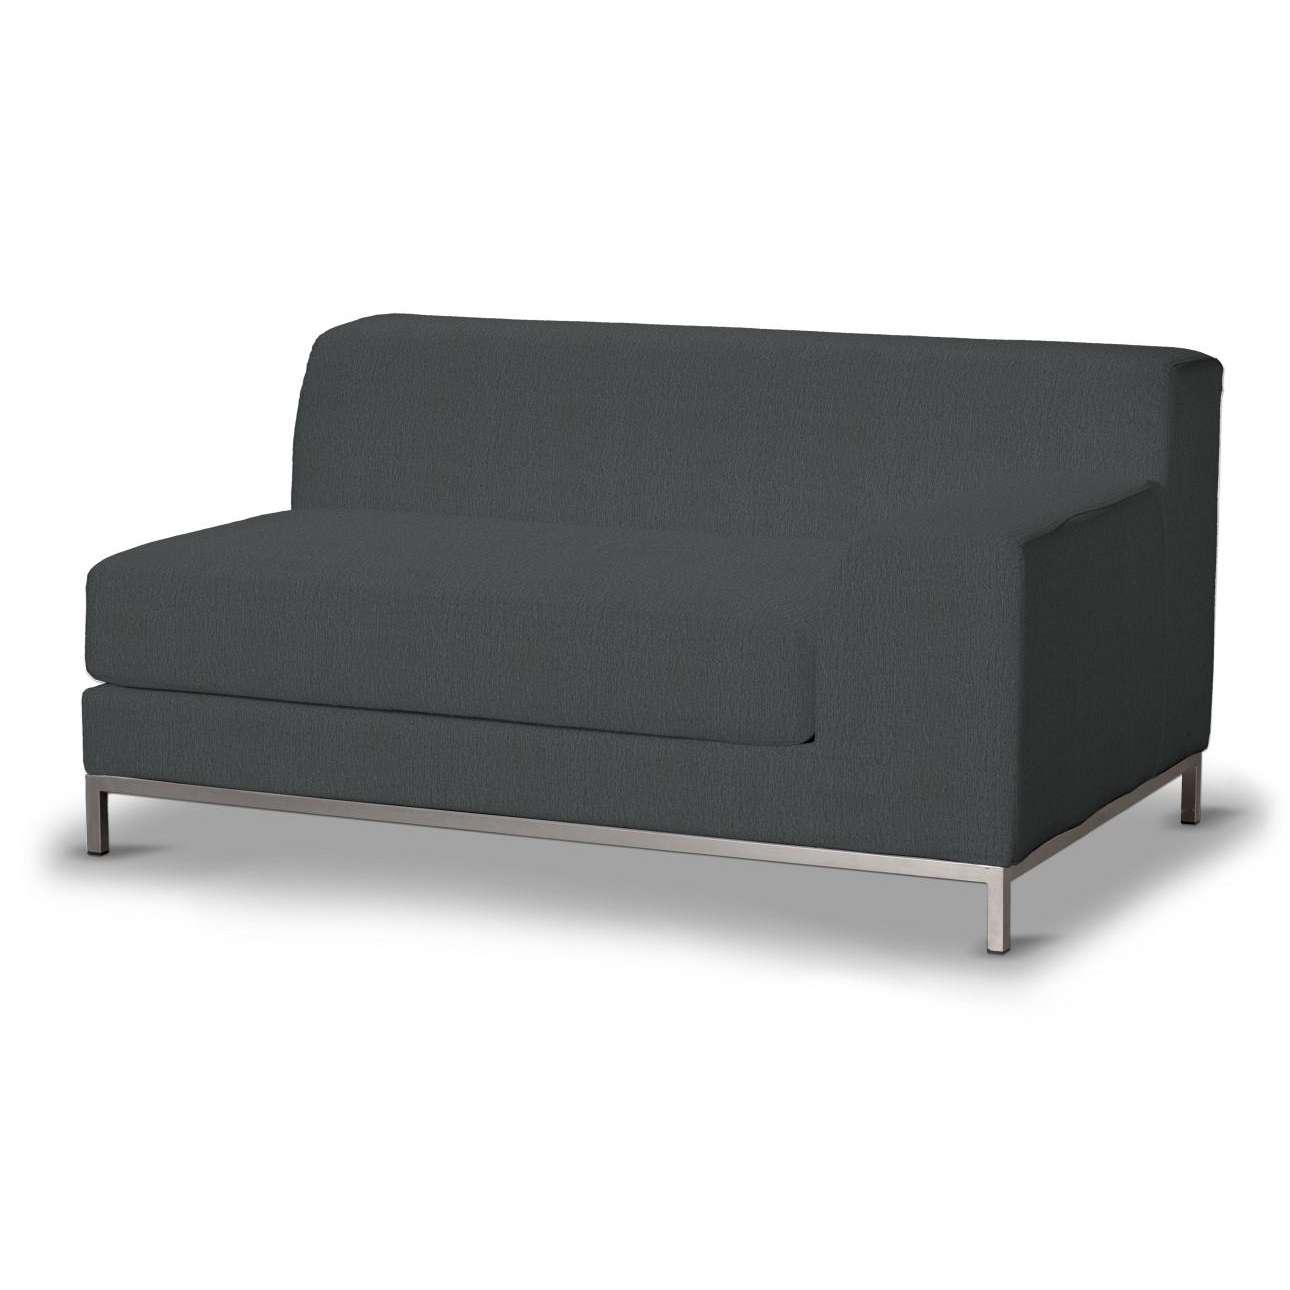 IKEA zitbankhoes overtrek voor Kramfors 2 zitsbank, leuning rechts